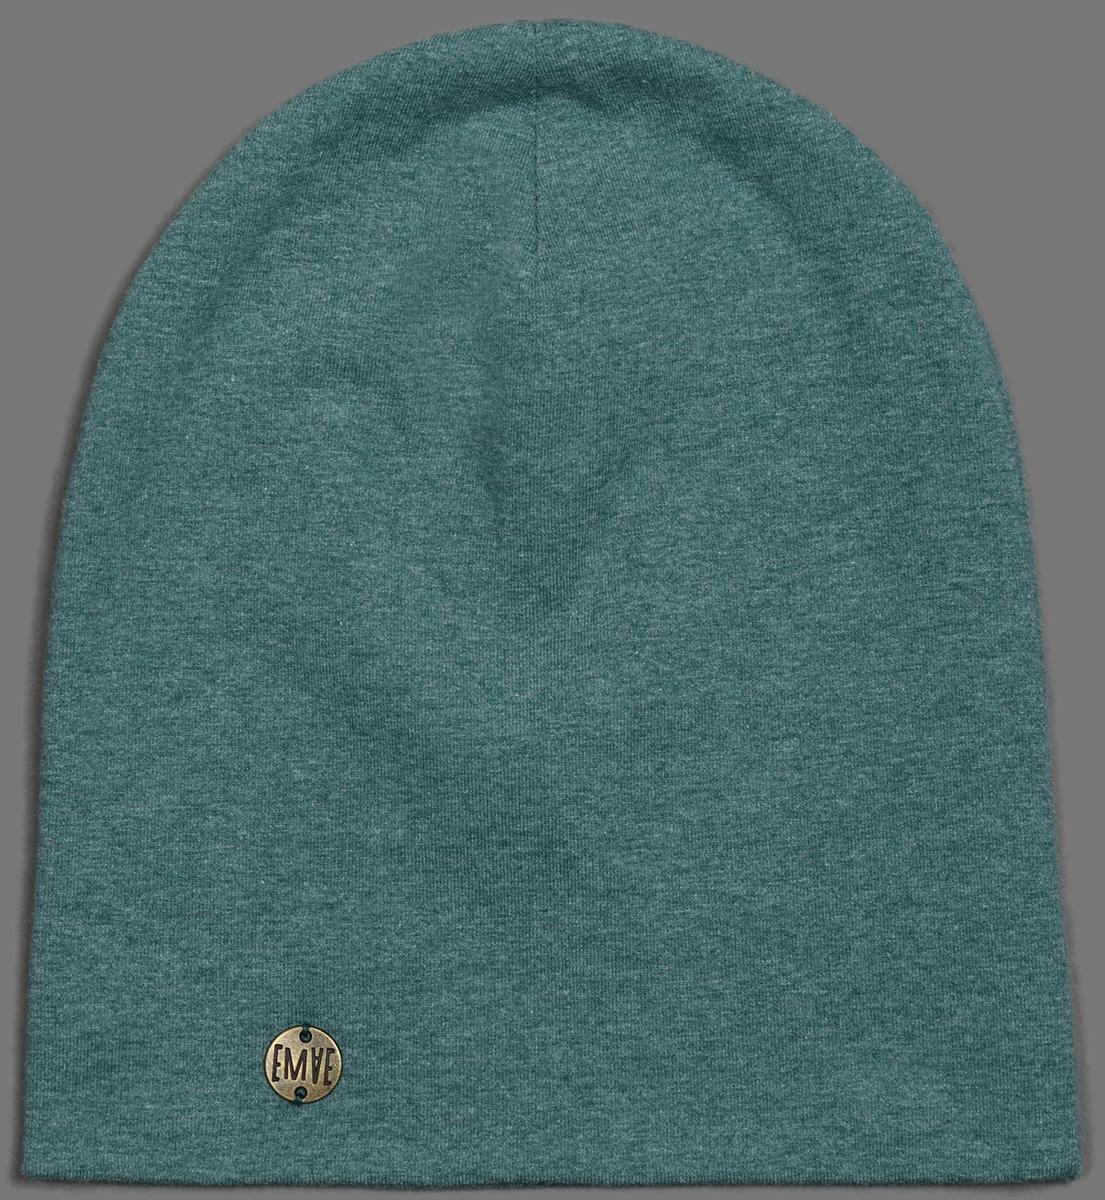 Шапка для мальчиков Ёмаё, цвет: зеленый. 45-607. Размер 4845-607Шапочка от ТМ ЁМАЁ, коллекуция Городские Сумасшедшие.